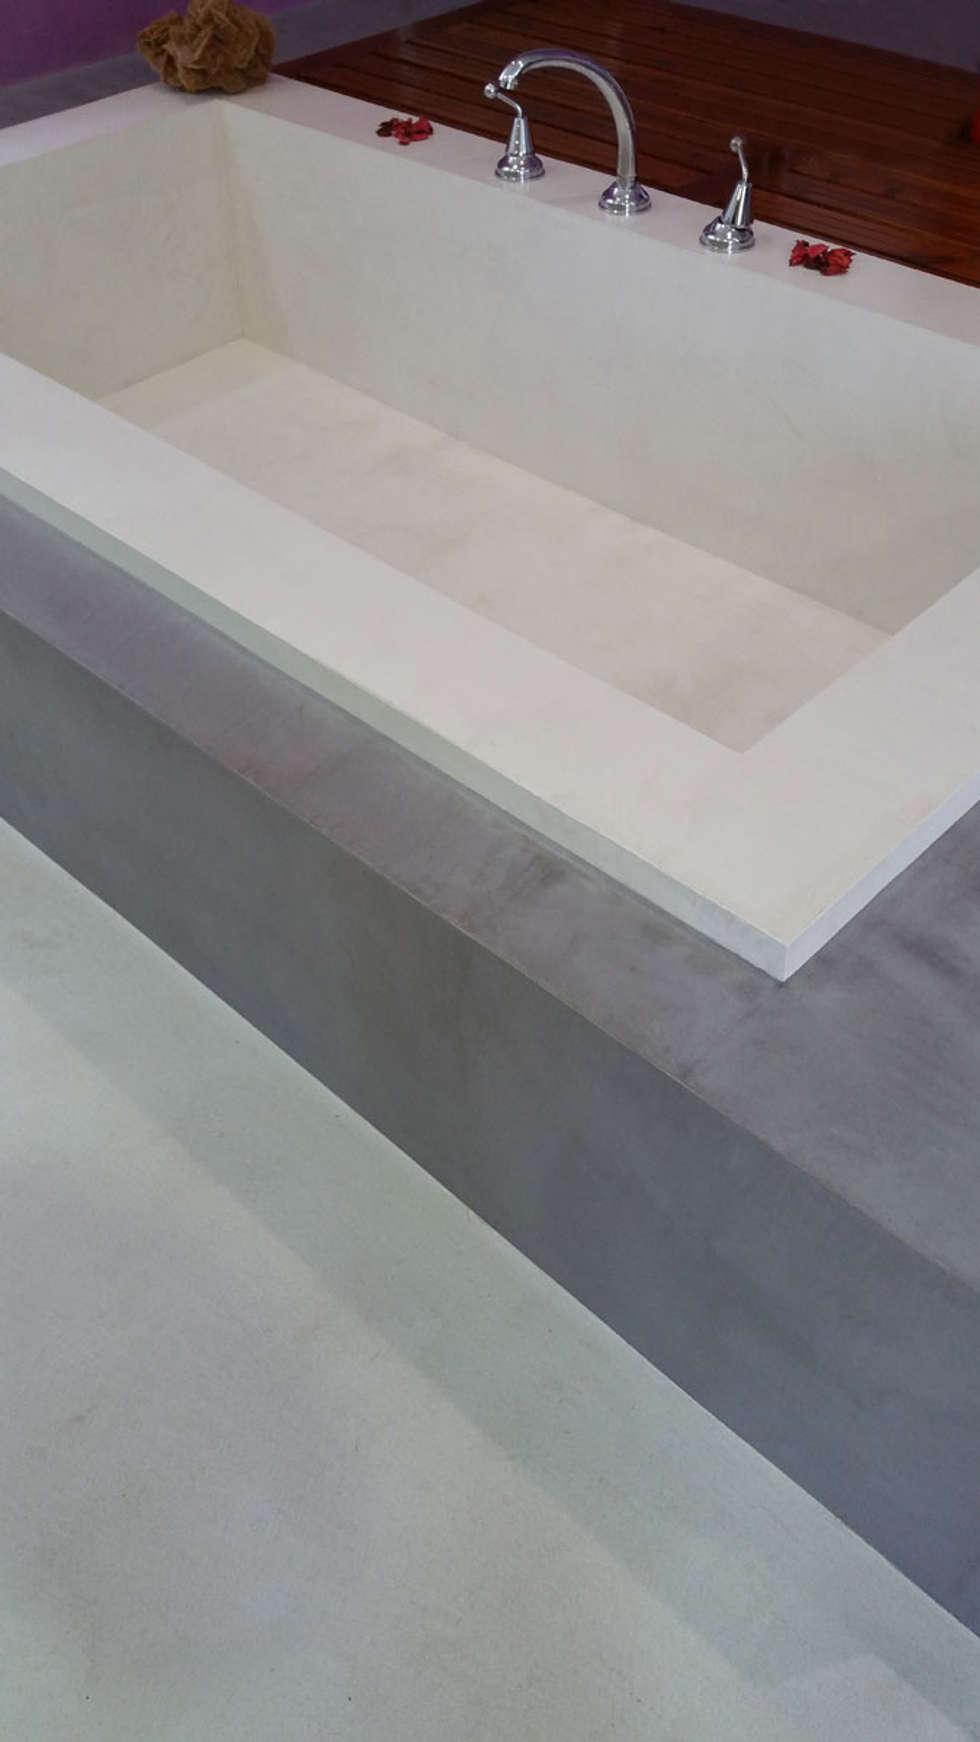 Idee arredamento casa interior design homify - Pavimenti bagno in resina ...